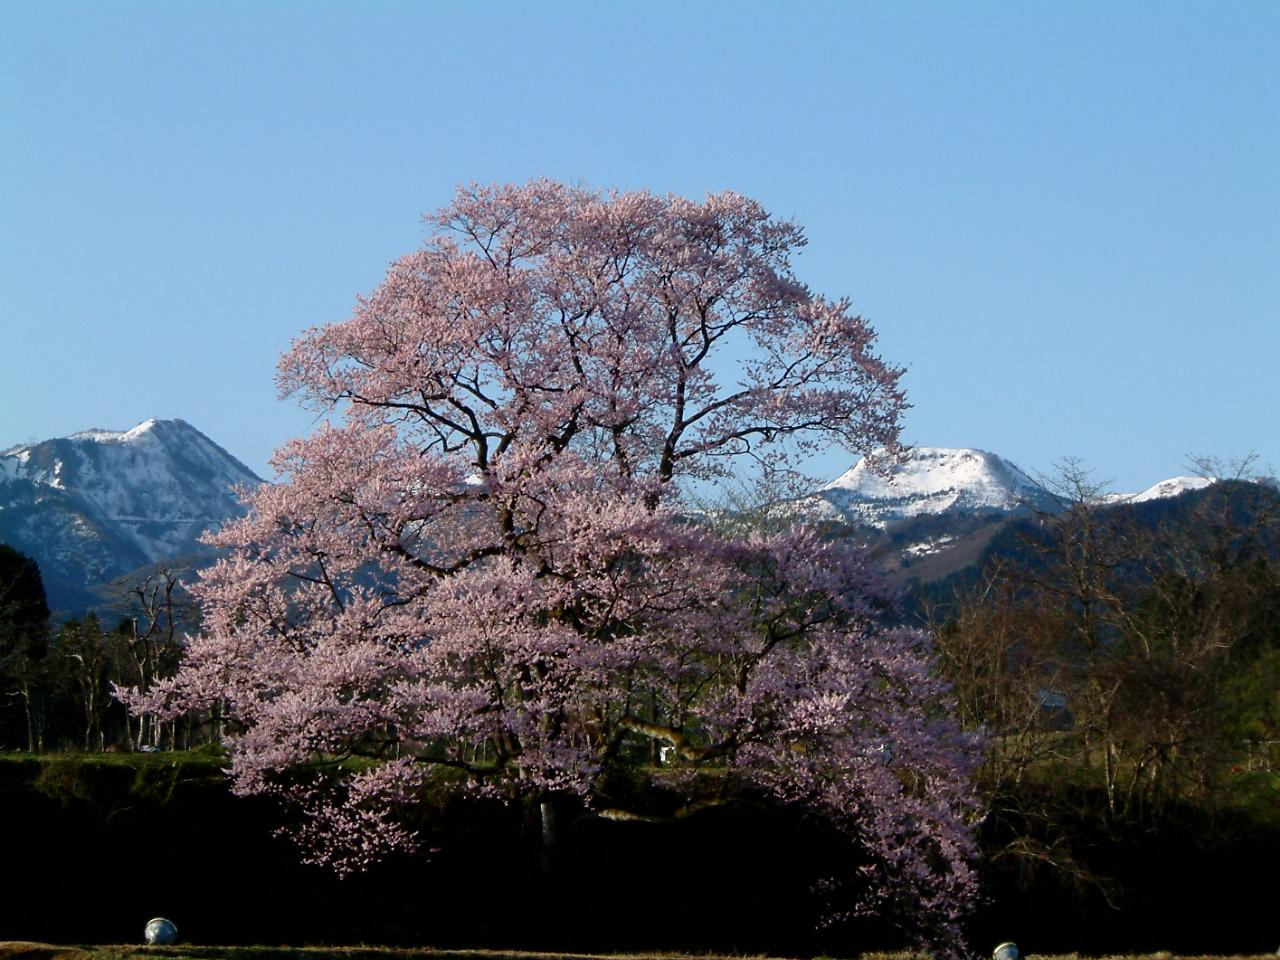 Mukaino no Edohigan